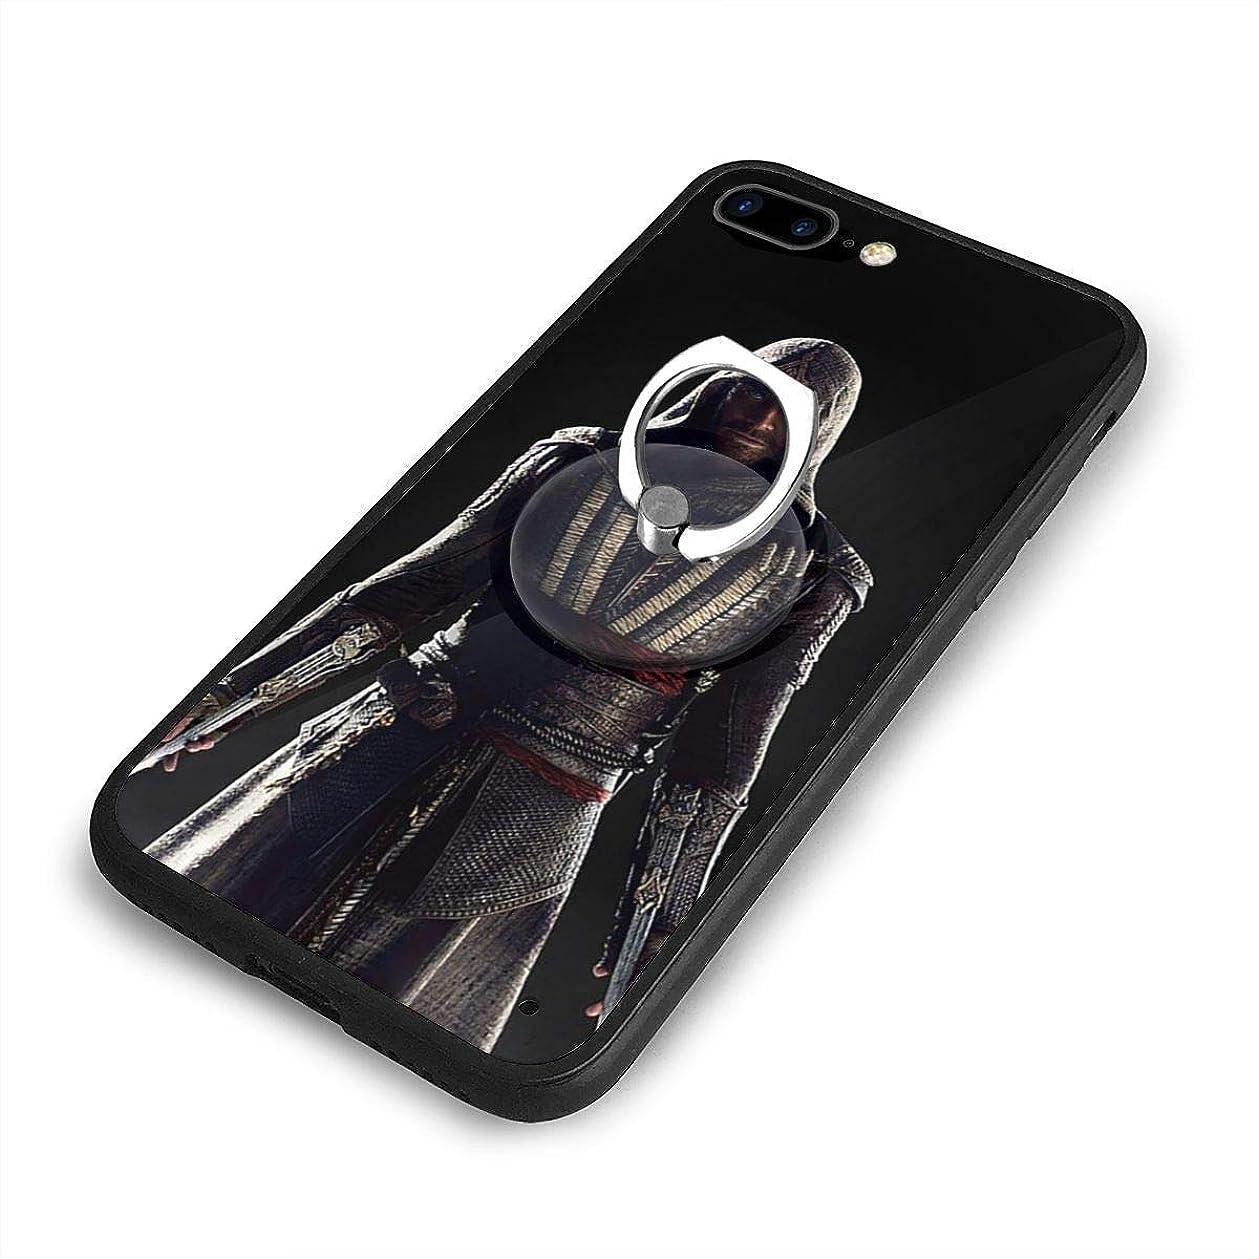 活気づくカウントアップ外交アサシン クリードiPhone 7/8 Plusケースリングブラケット 携帯カバー 創意デザイン軽量 傷つけ防止 360°回転ブラケット 携帯ケース PC 衝撃防止 全面保護